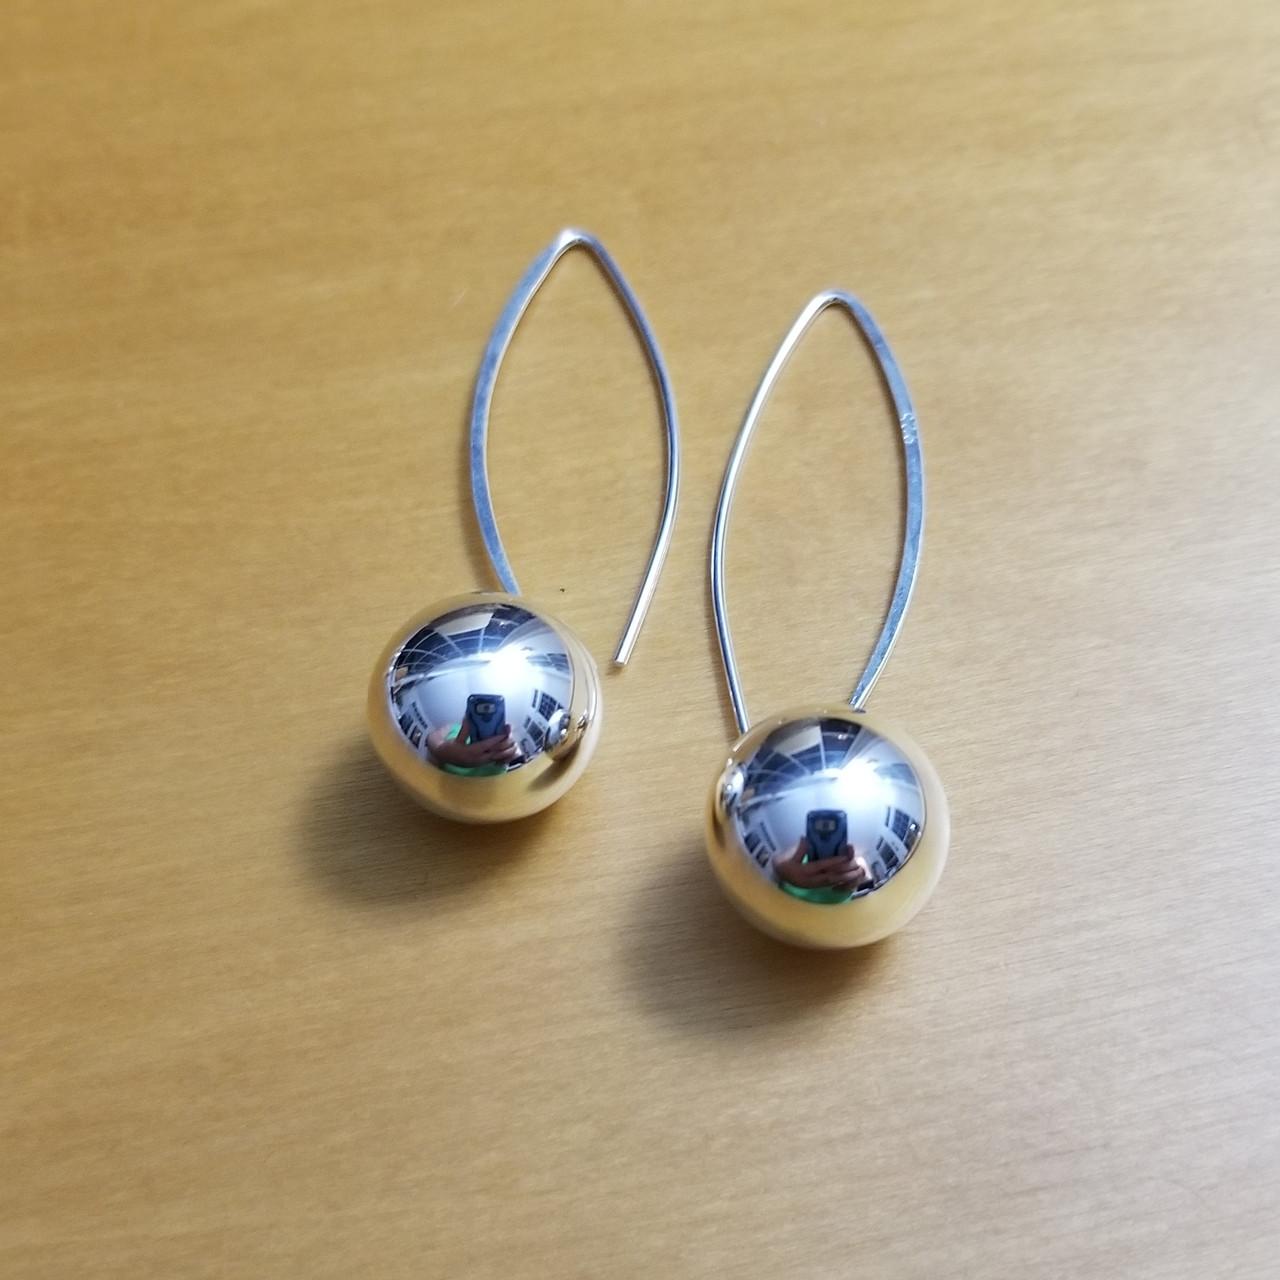 f027f2355 14mm Ball on Long Wire Earrings - Silvergirl Sterling